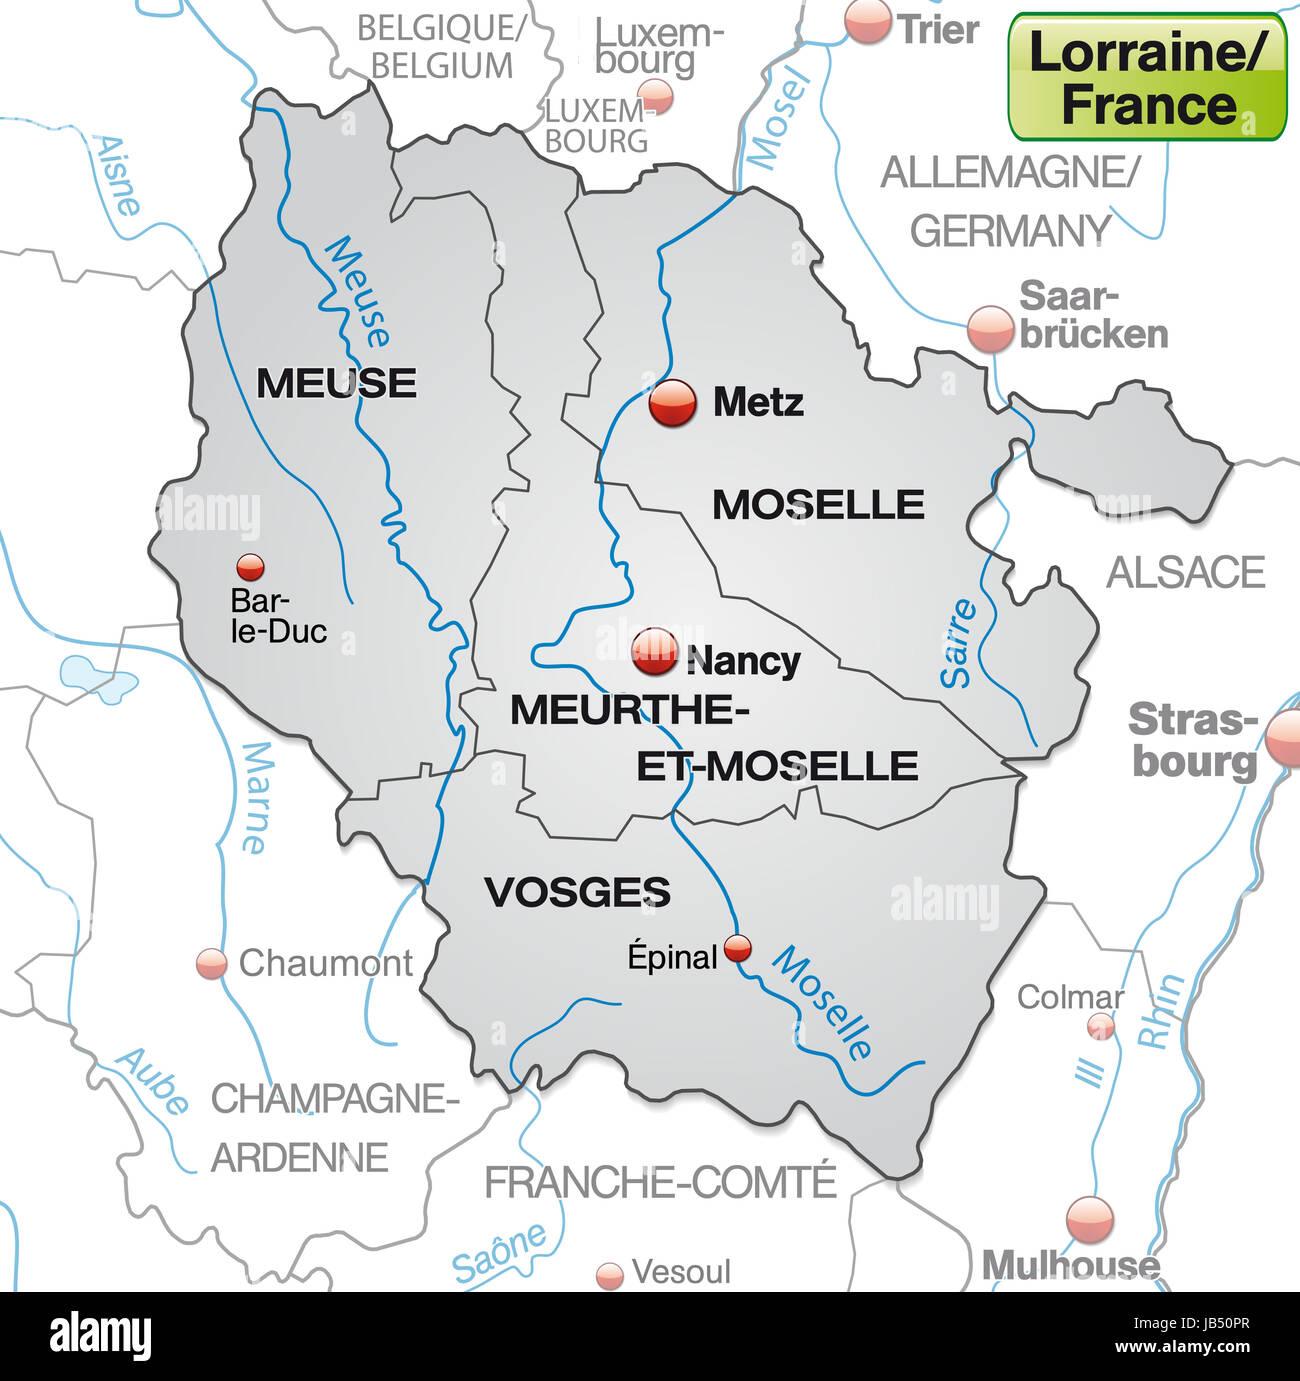 Lothringen Karte.Lothringen In Frankreich Als Umgebungskarte Mit Grenzen In